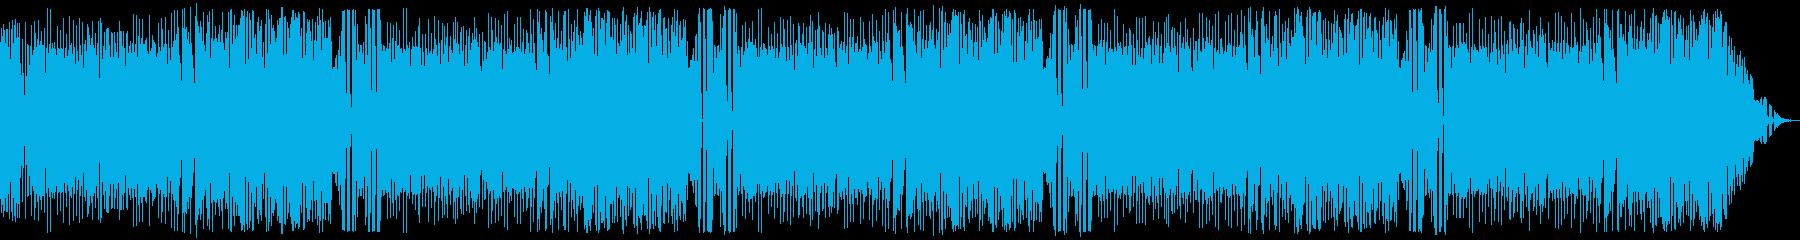 レトロゲーム:定番のカッコいい系の再生済みの波形